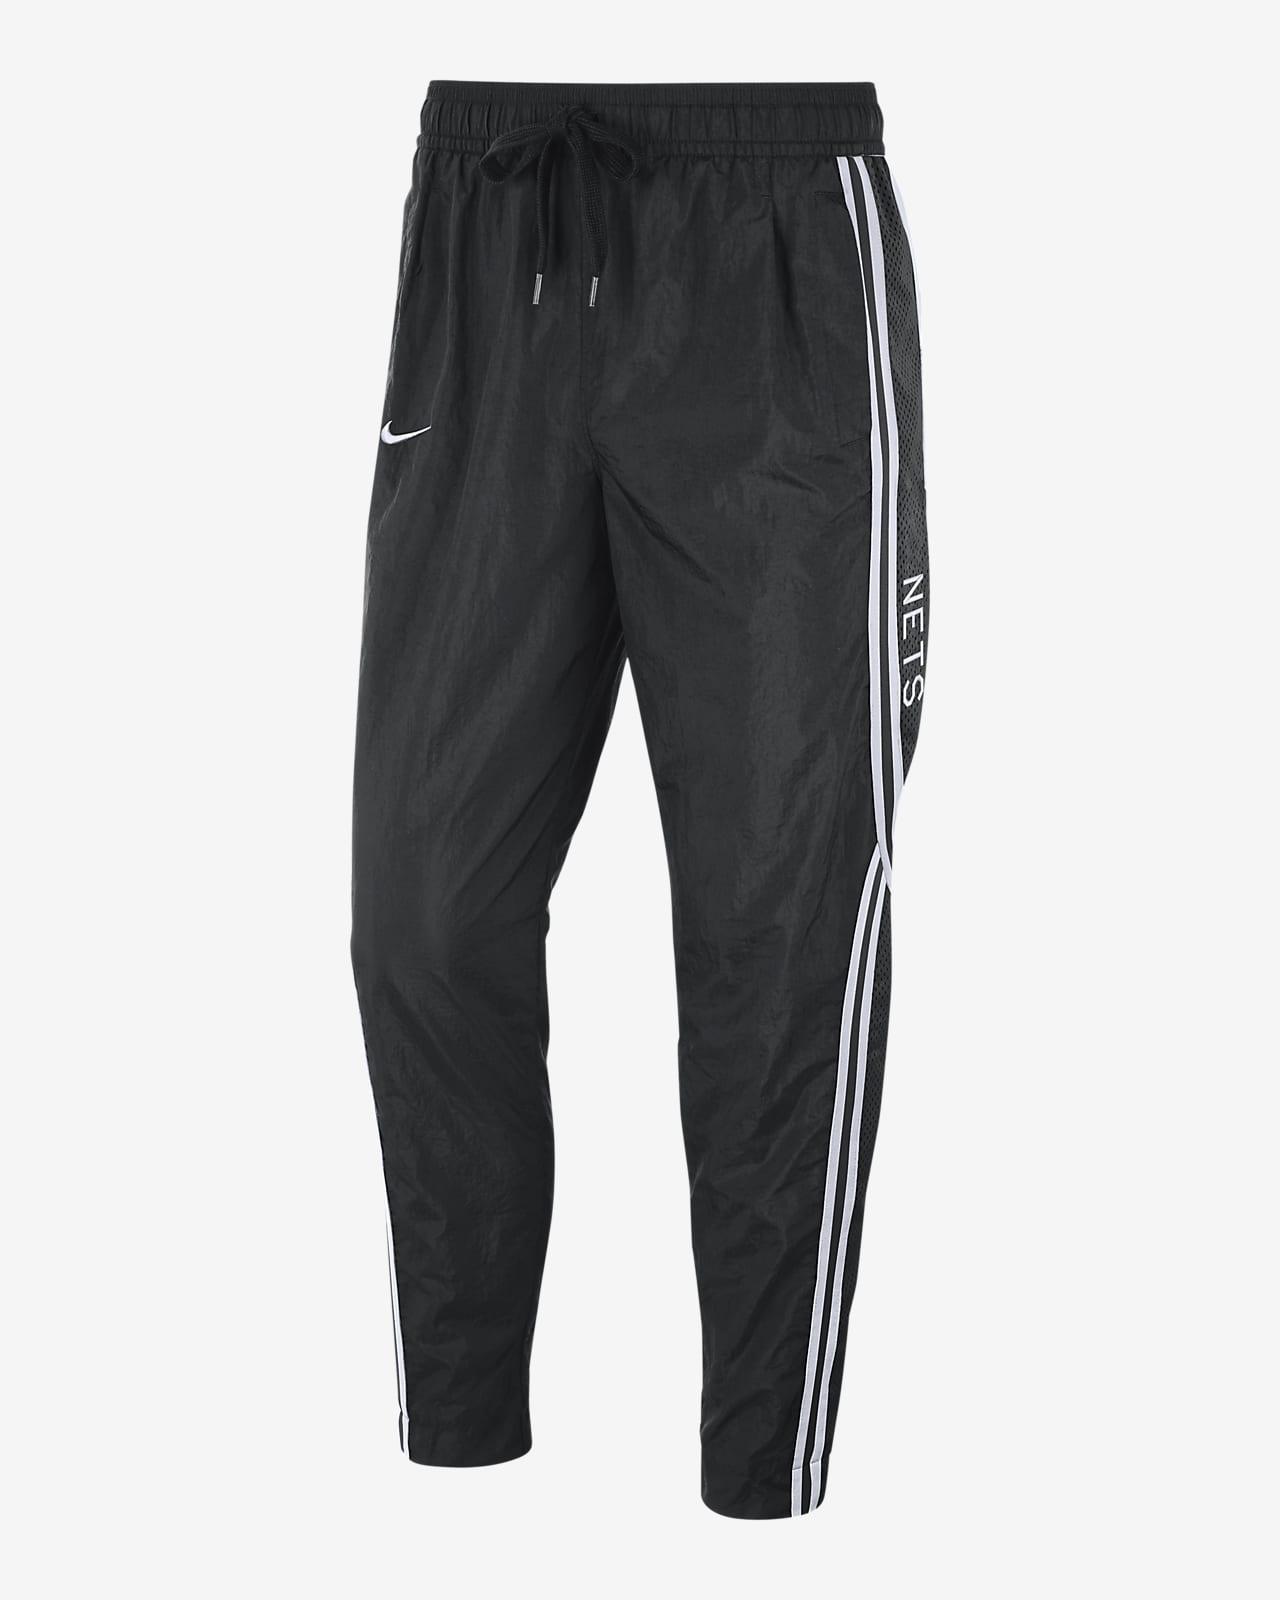 布鲁克林篮网队 Courtside Nike NBA 女子运动长裤